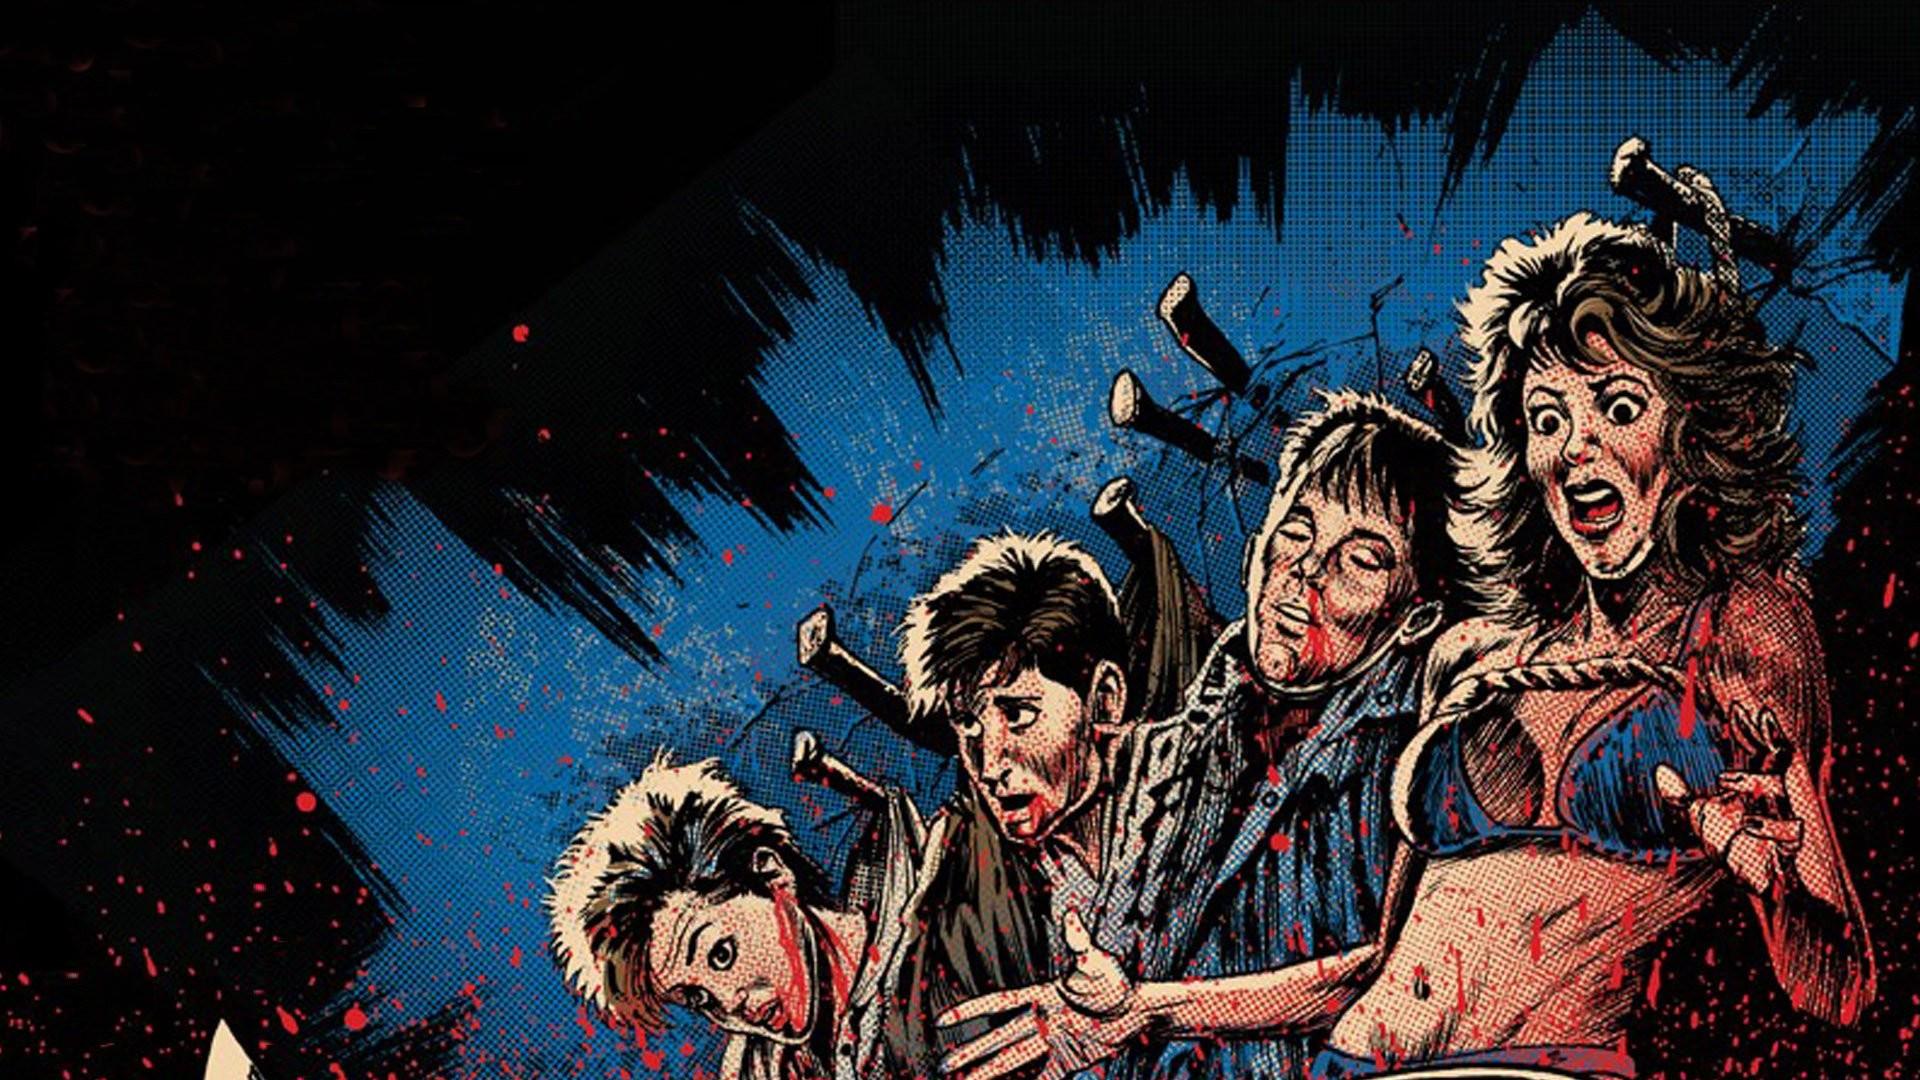 80'S Cartoon Wallpaper – WallpaperSafari